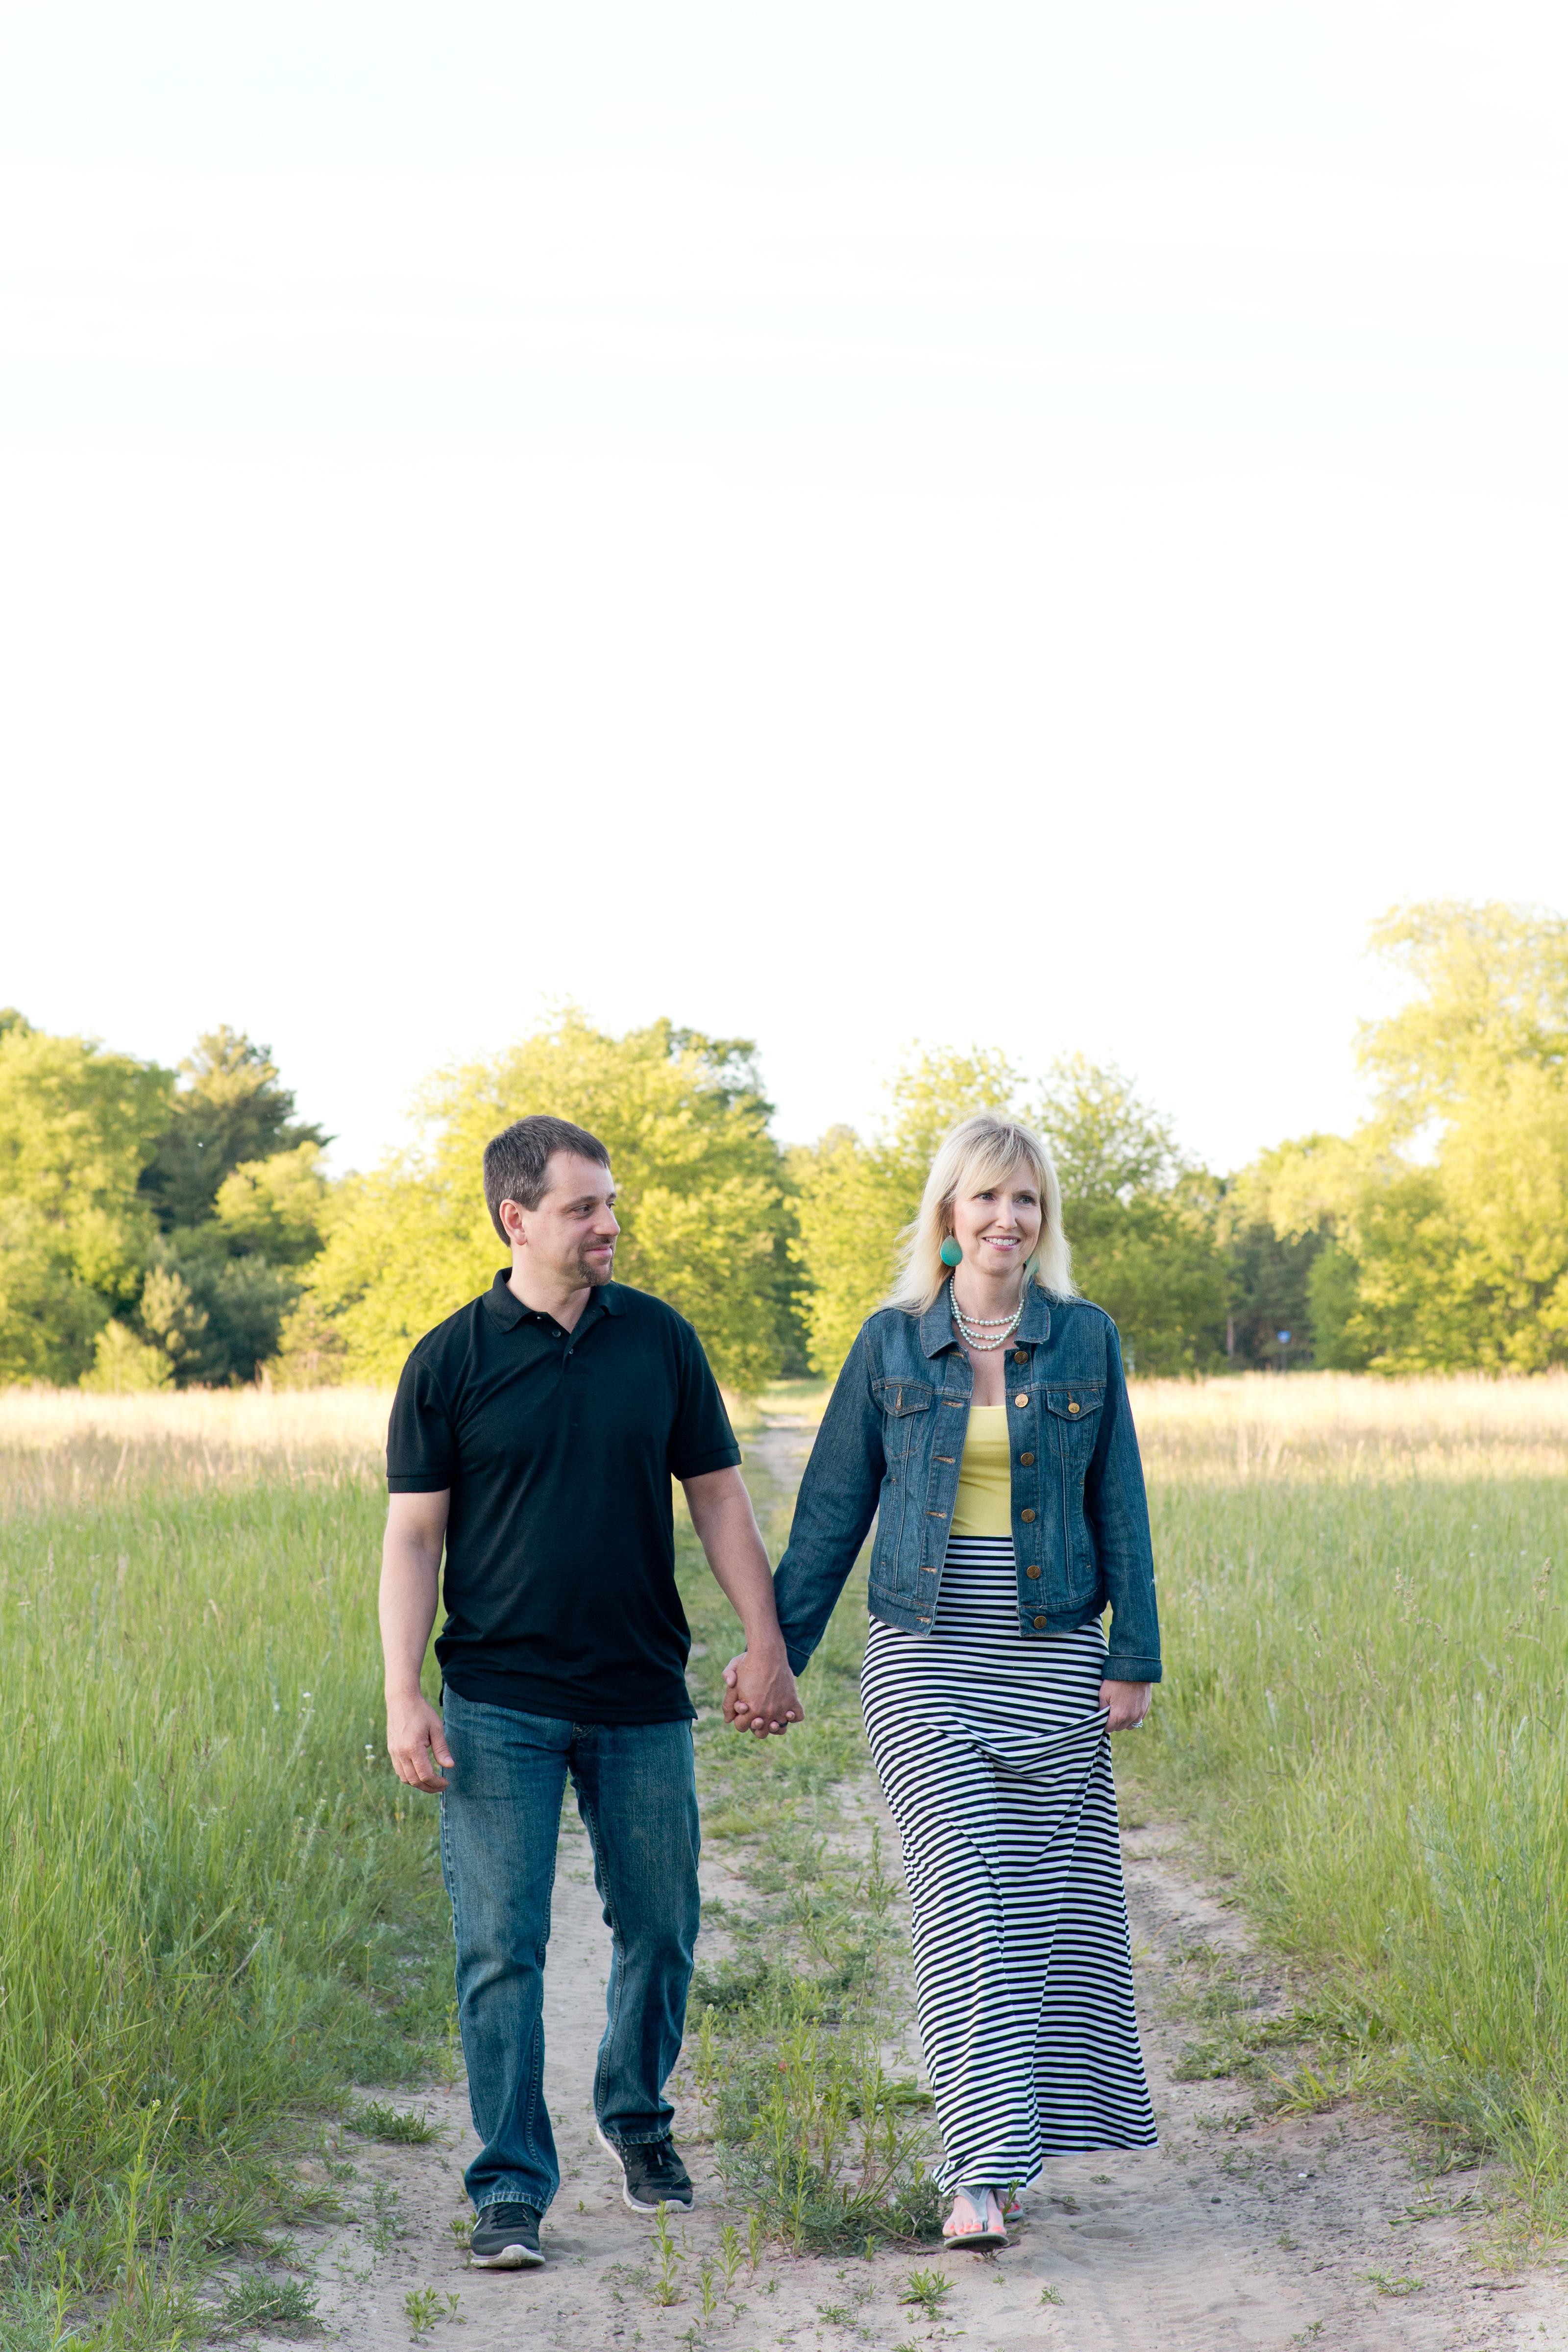 Melanie and her husband. fall in love again